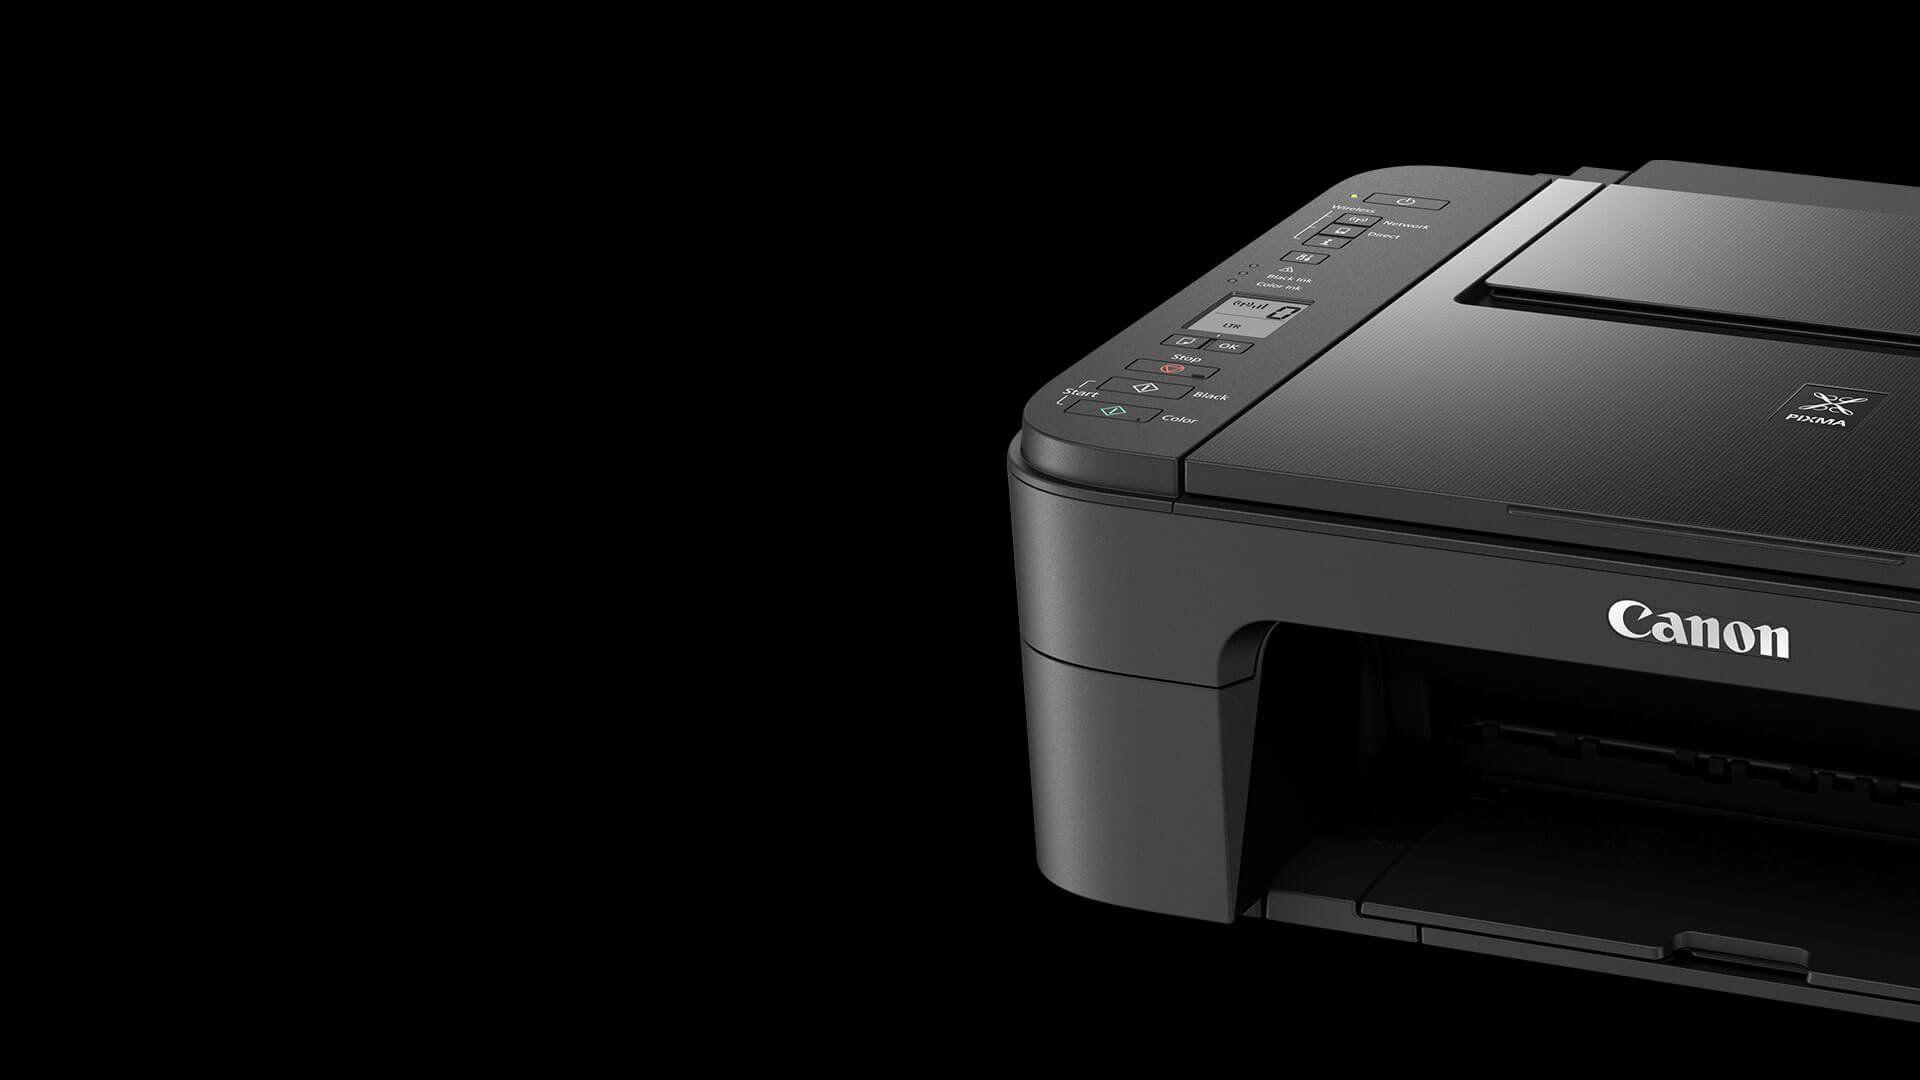 S U00e9rie Pixma Ts3150 - Imprimantes